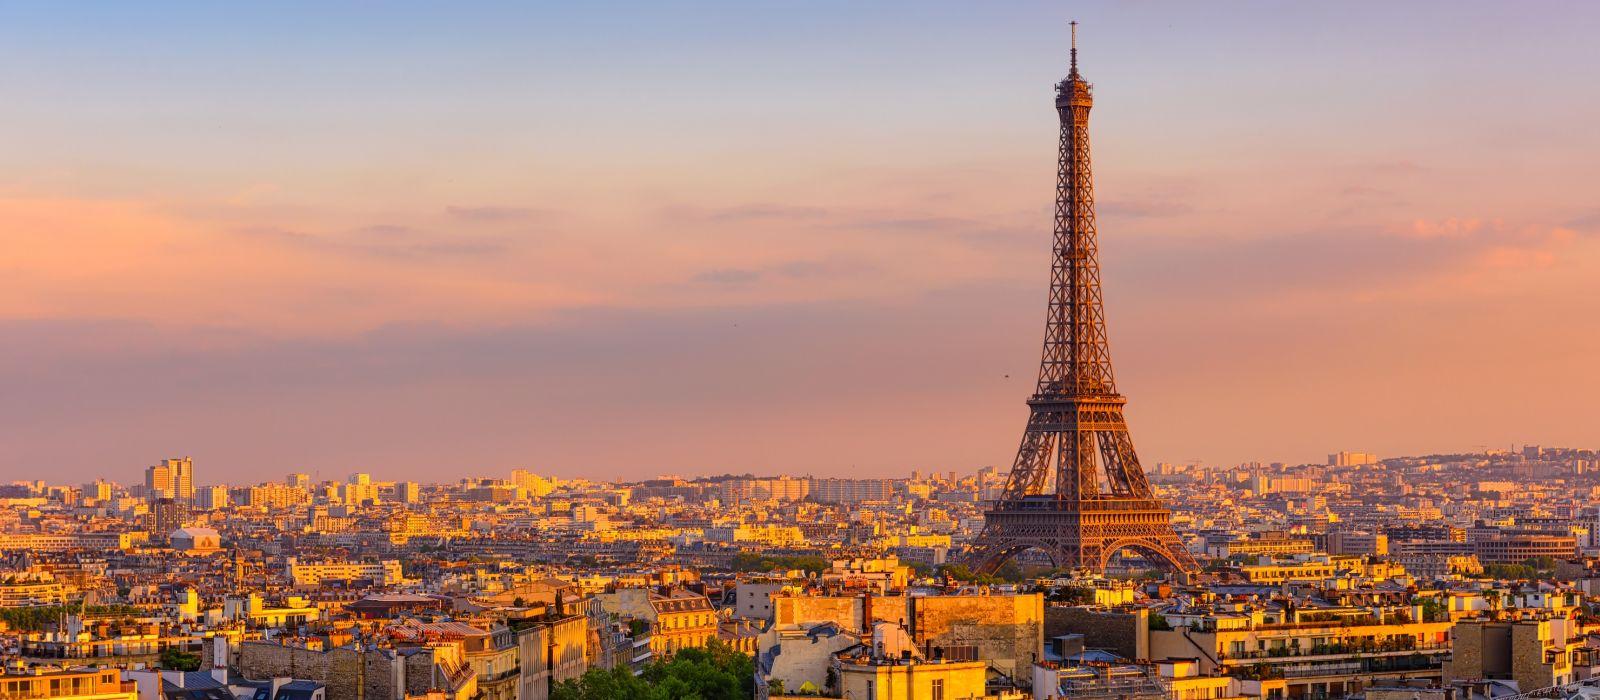 Destination Paris France